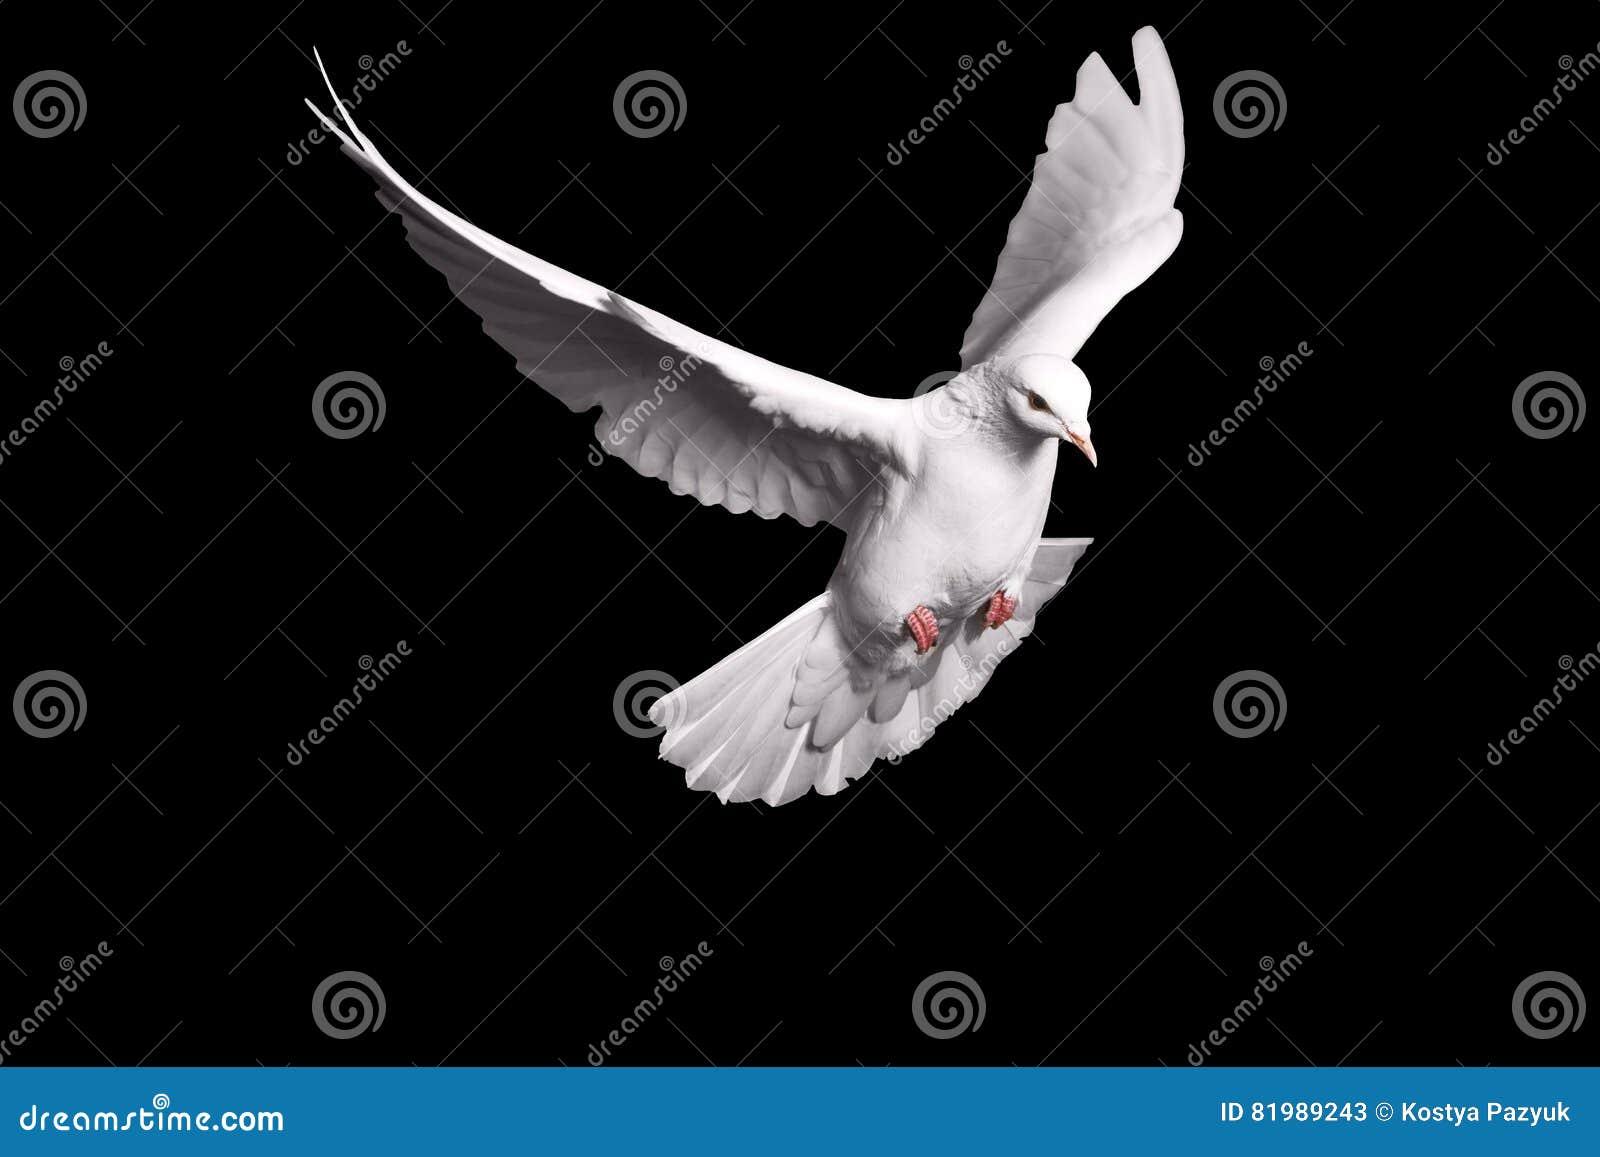 Άσπρο περιστέρι που πετά στο μαύρο υπόβαθρο για την έννοια ελευθερίας στο ψαλίδισμα της πορείας, διεθνής ημέρα της ειρήνης 2017